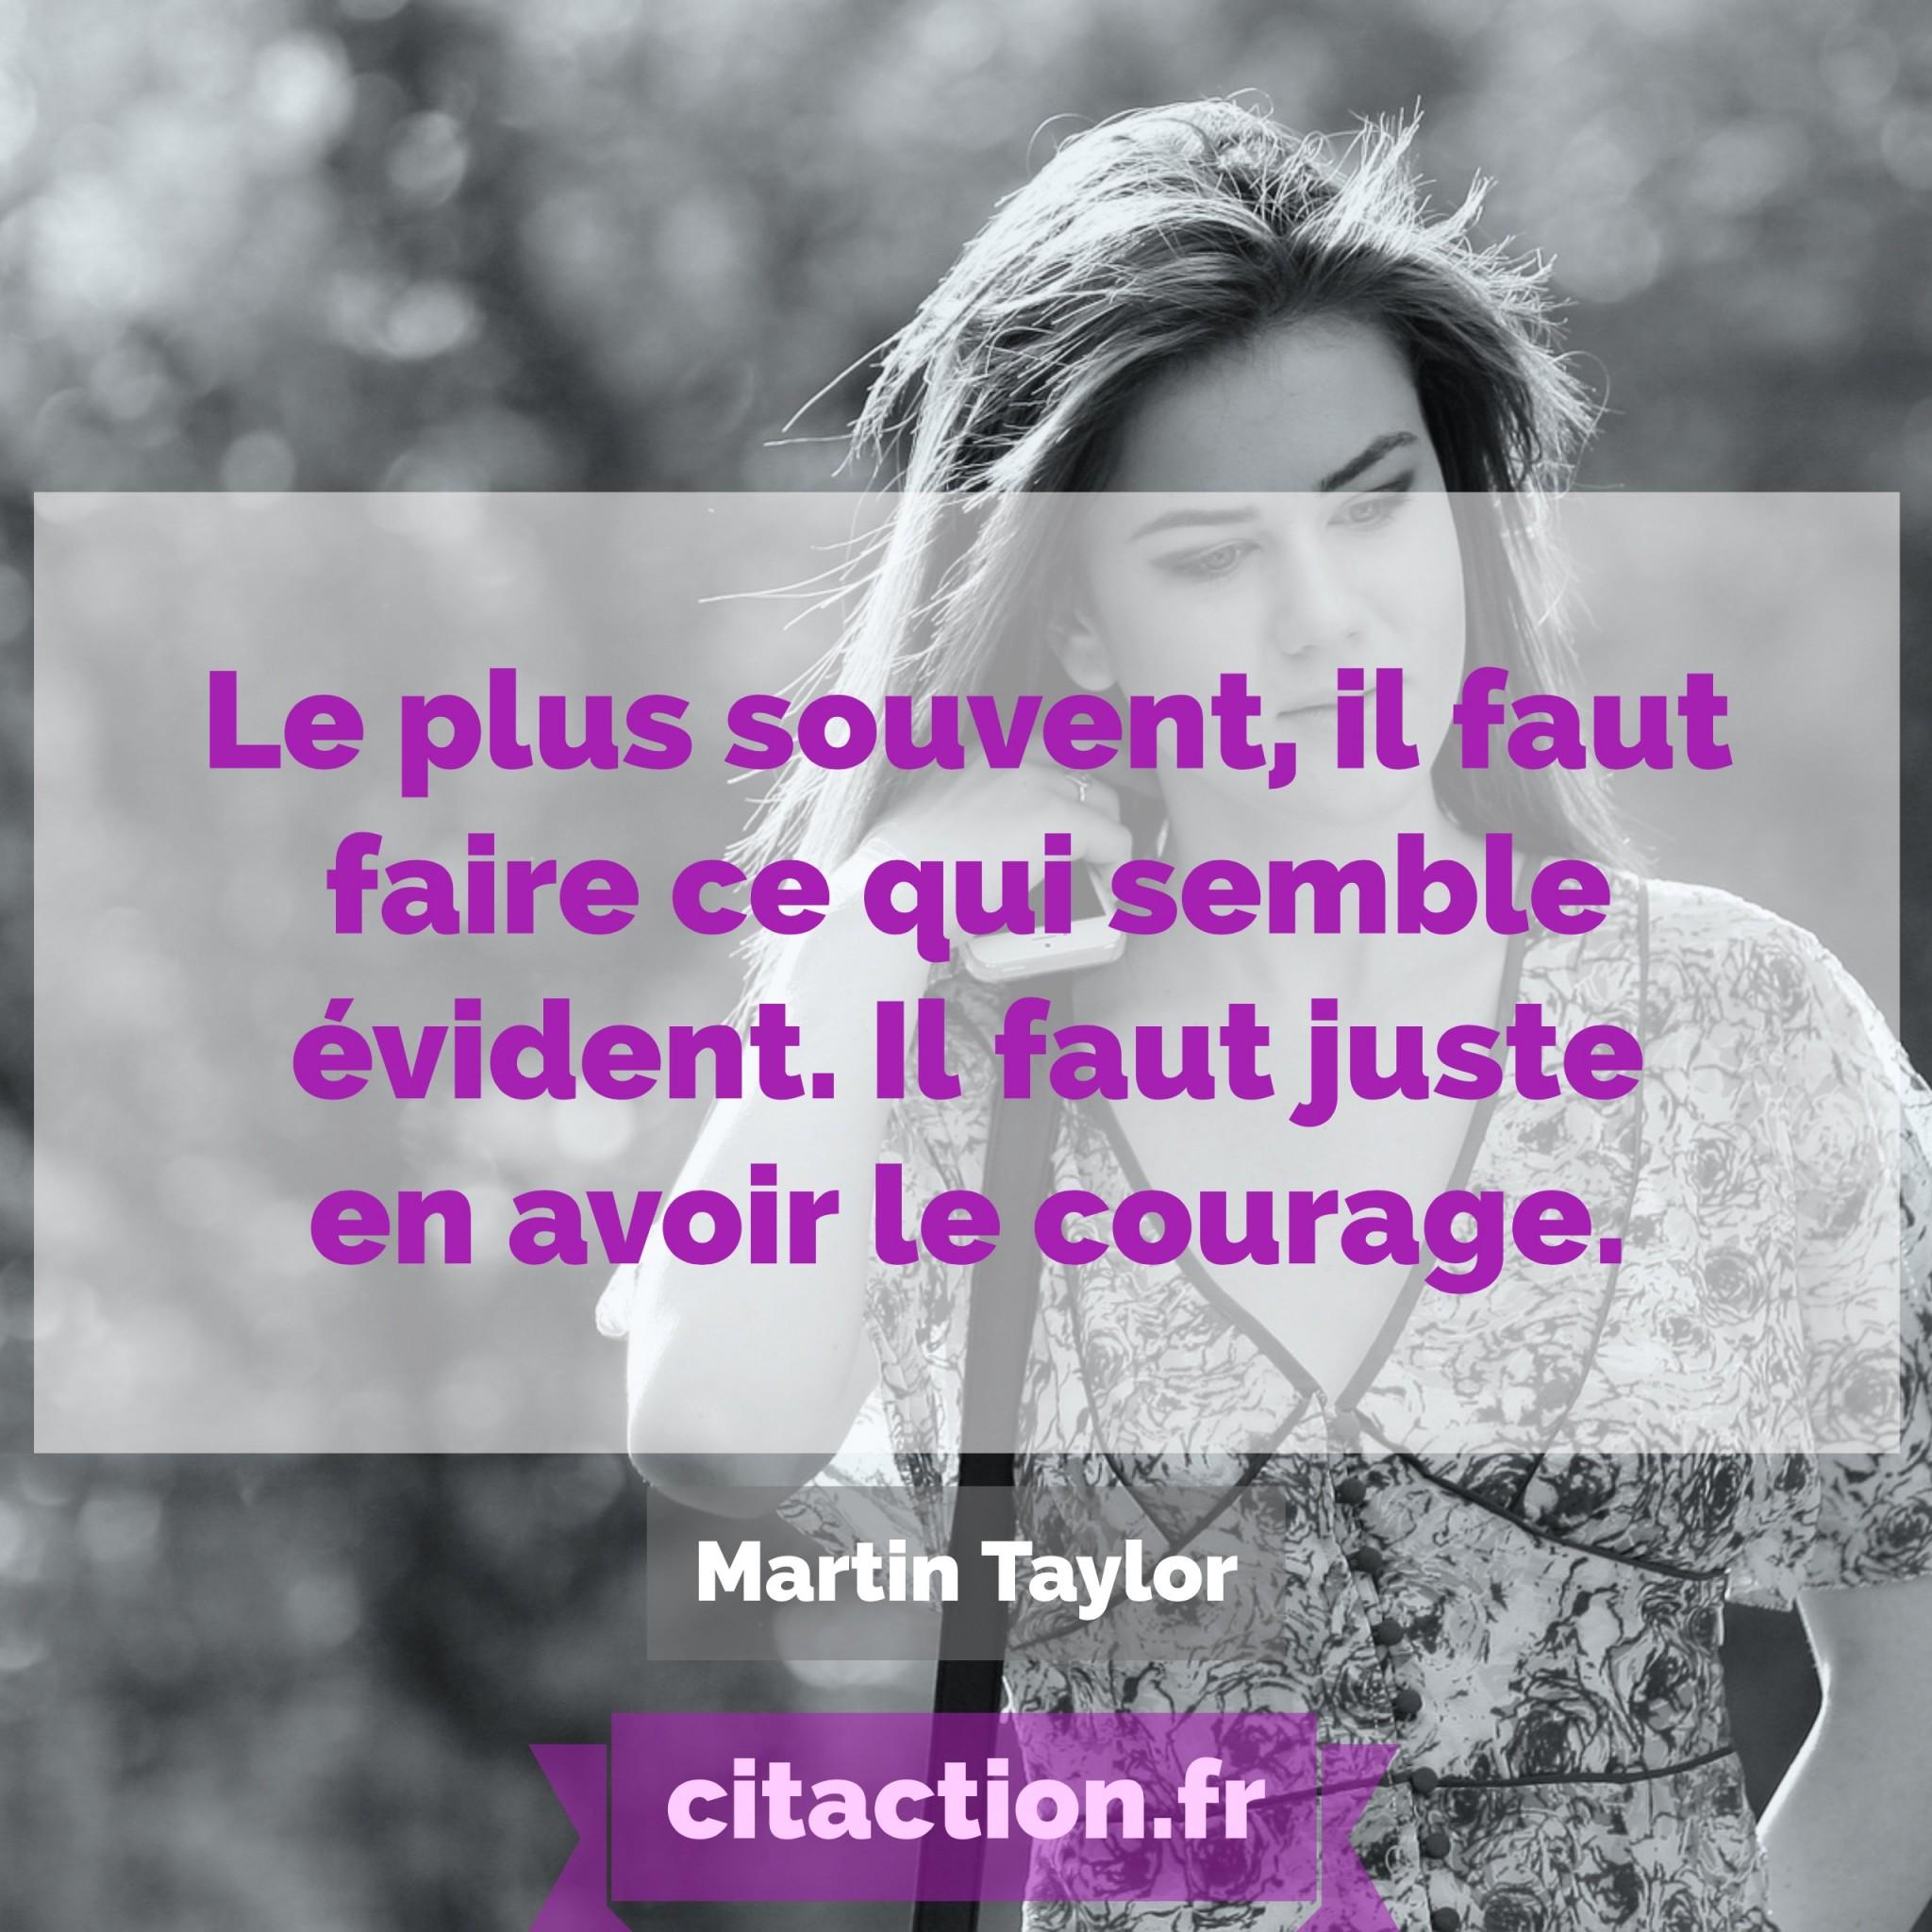 Le plus souvent, il faut faire ce qui semble évident. Il faut juste en avoir le courage.